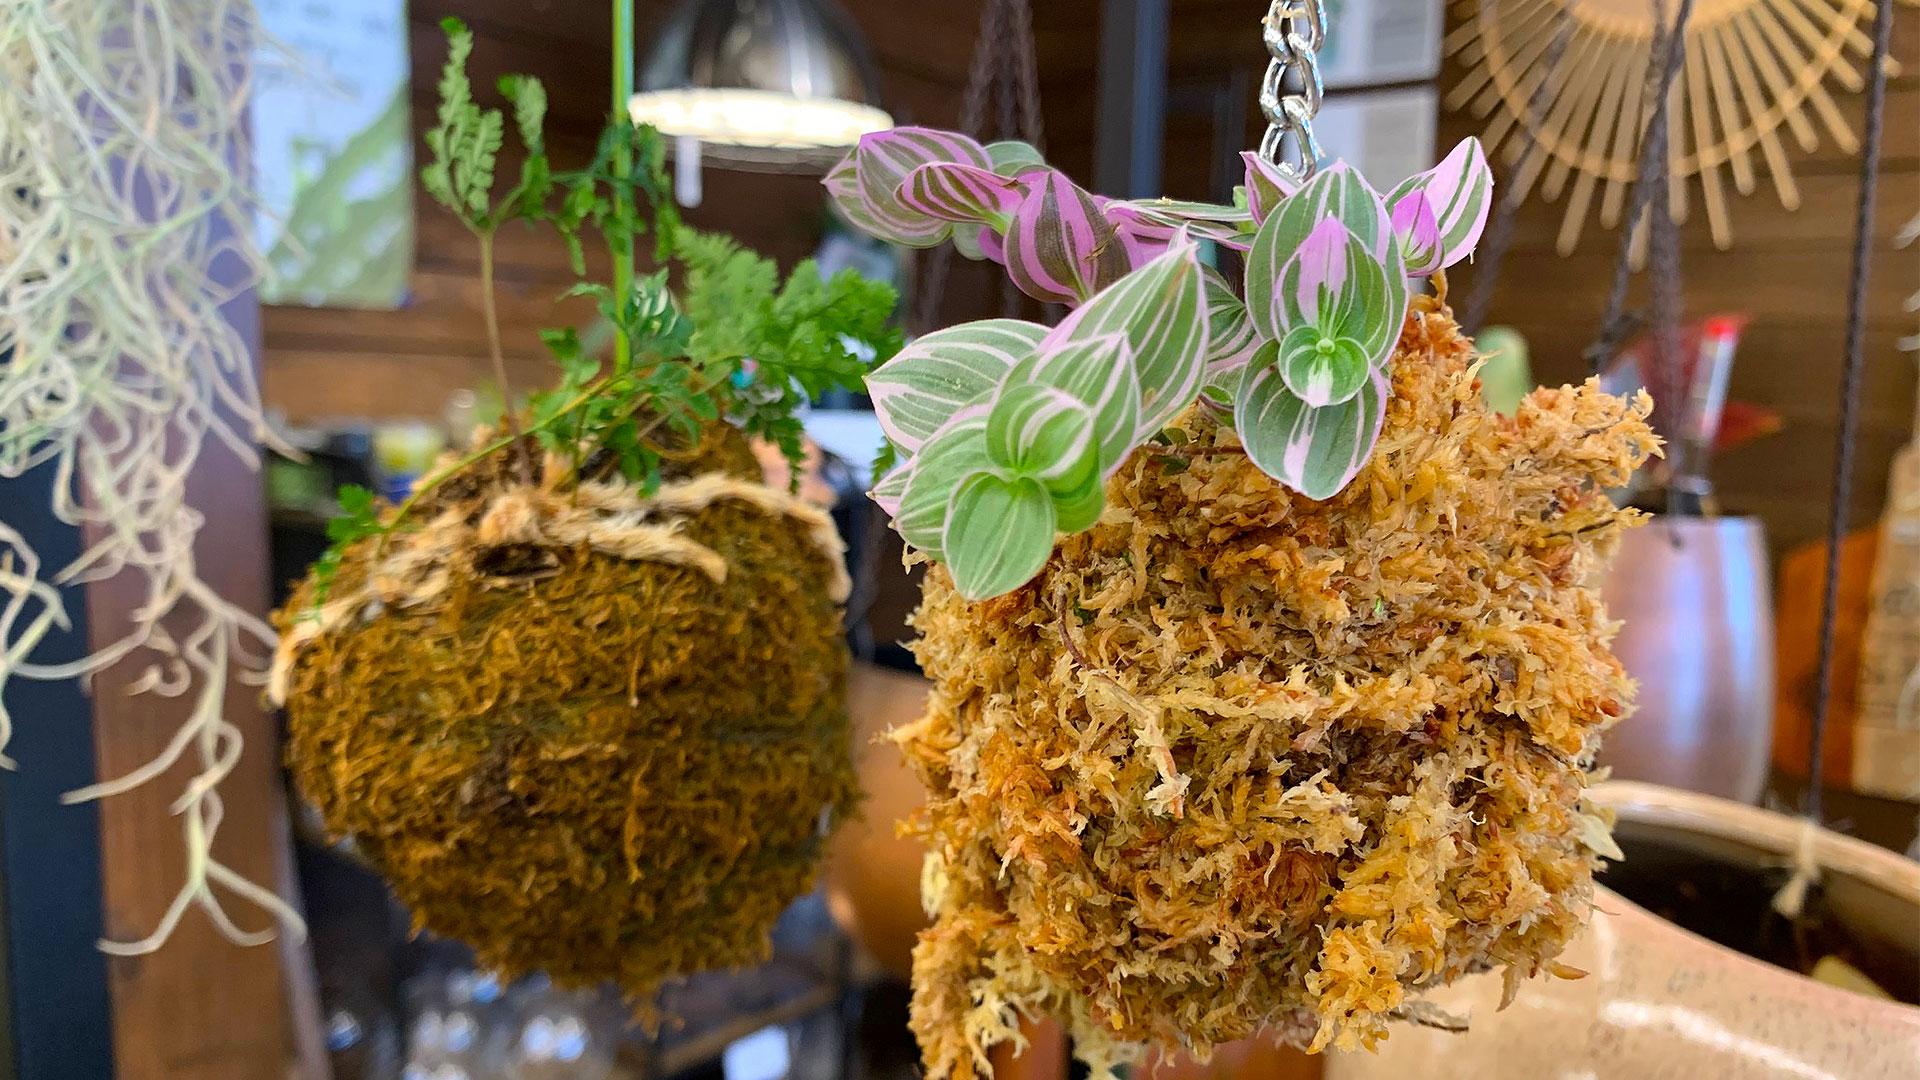 マイサカ家具のワークショップ、手作りの吊り下げ用ハンギングタイプの苔玉